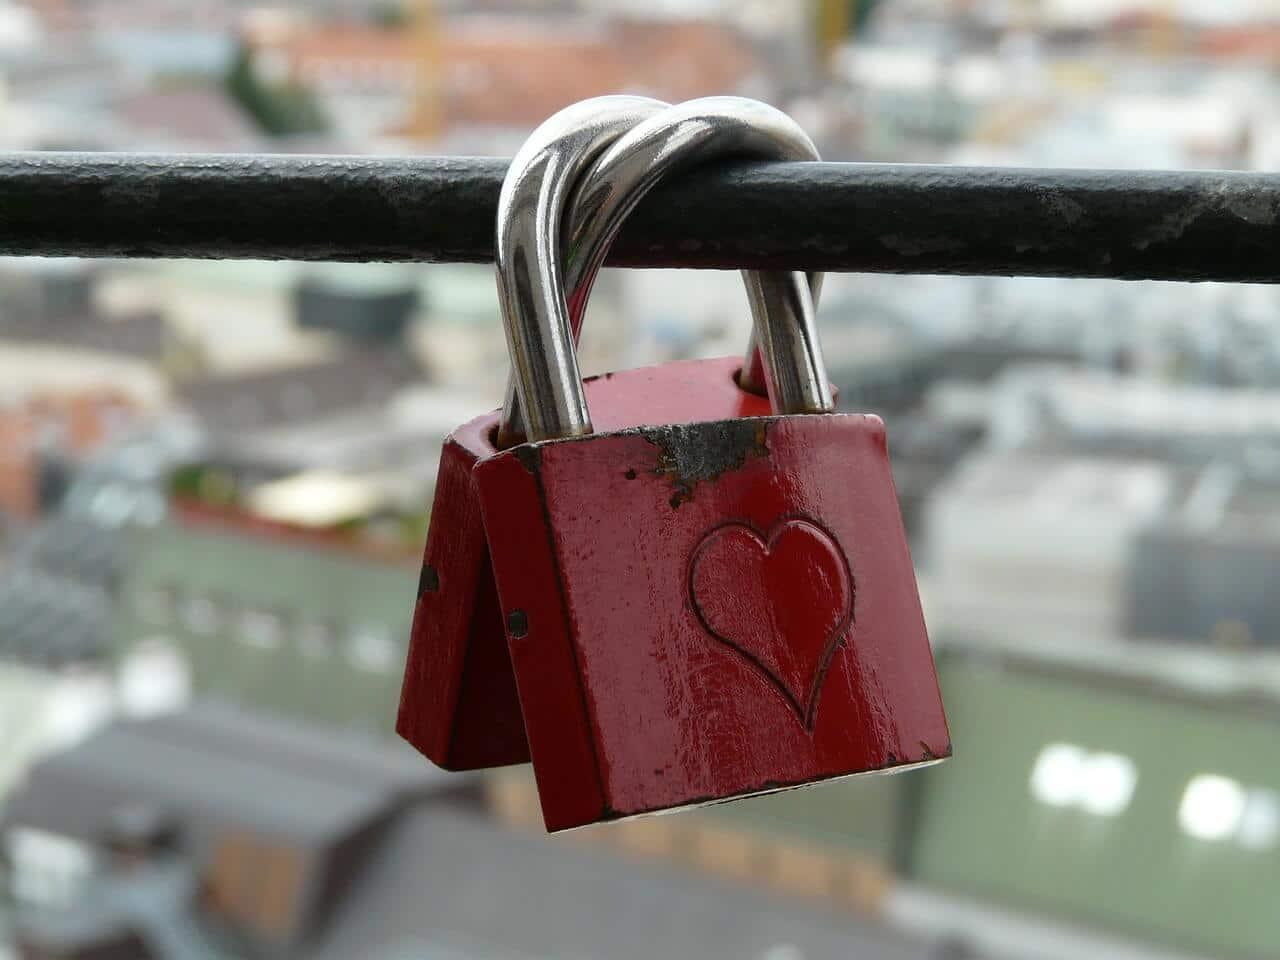 Romantischer Liebesbeweis liebesschlösser individuell mit eigenen motiven gestalten